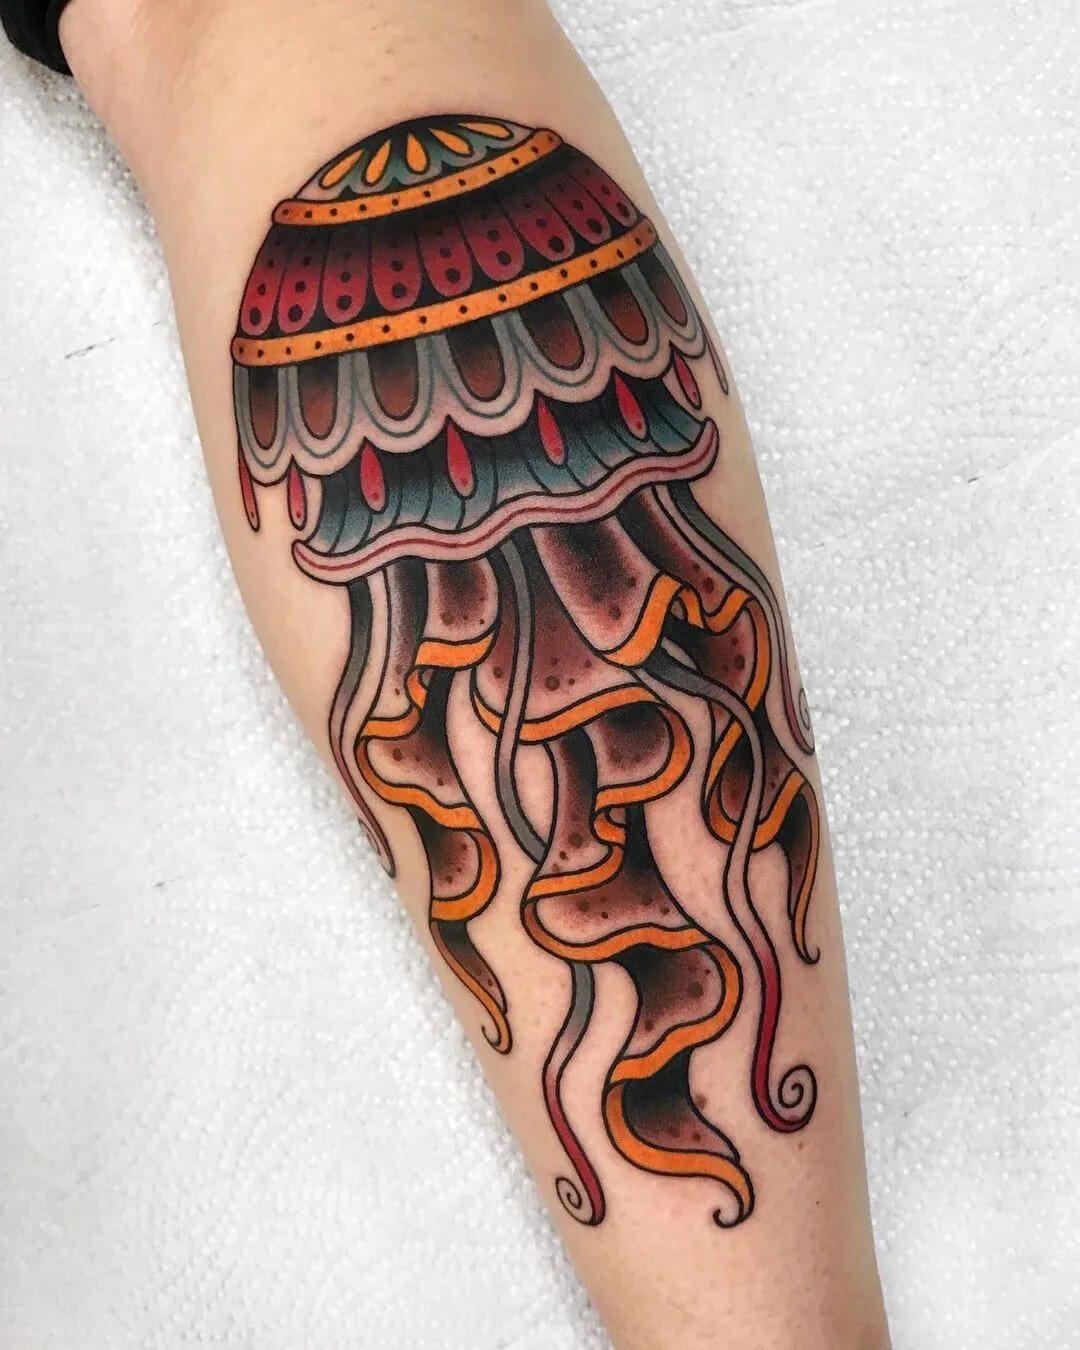 Tattoo Manuscript Material Issue 11 Jellyfish Tattoos Design In 2020 Jellyfish Tattoo Traditional Tattoo Jellyfish Tattoos